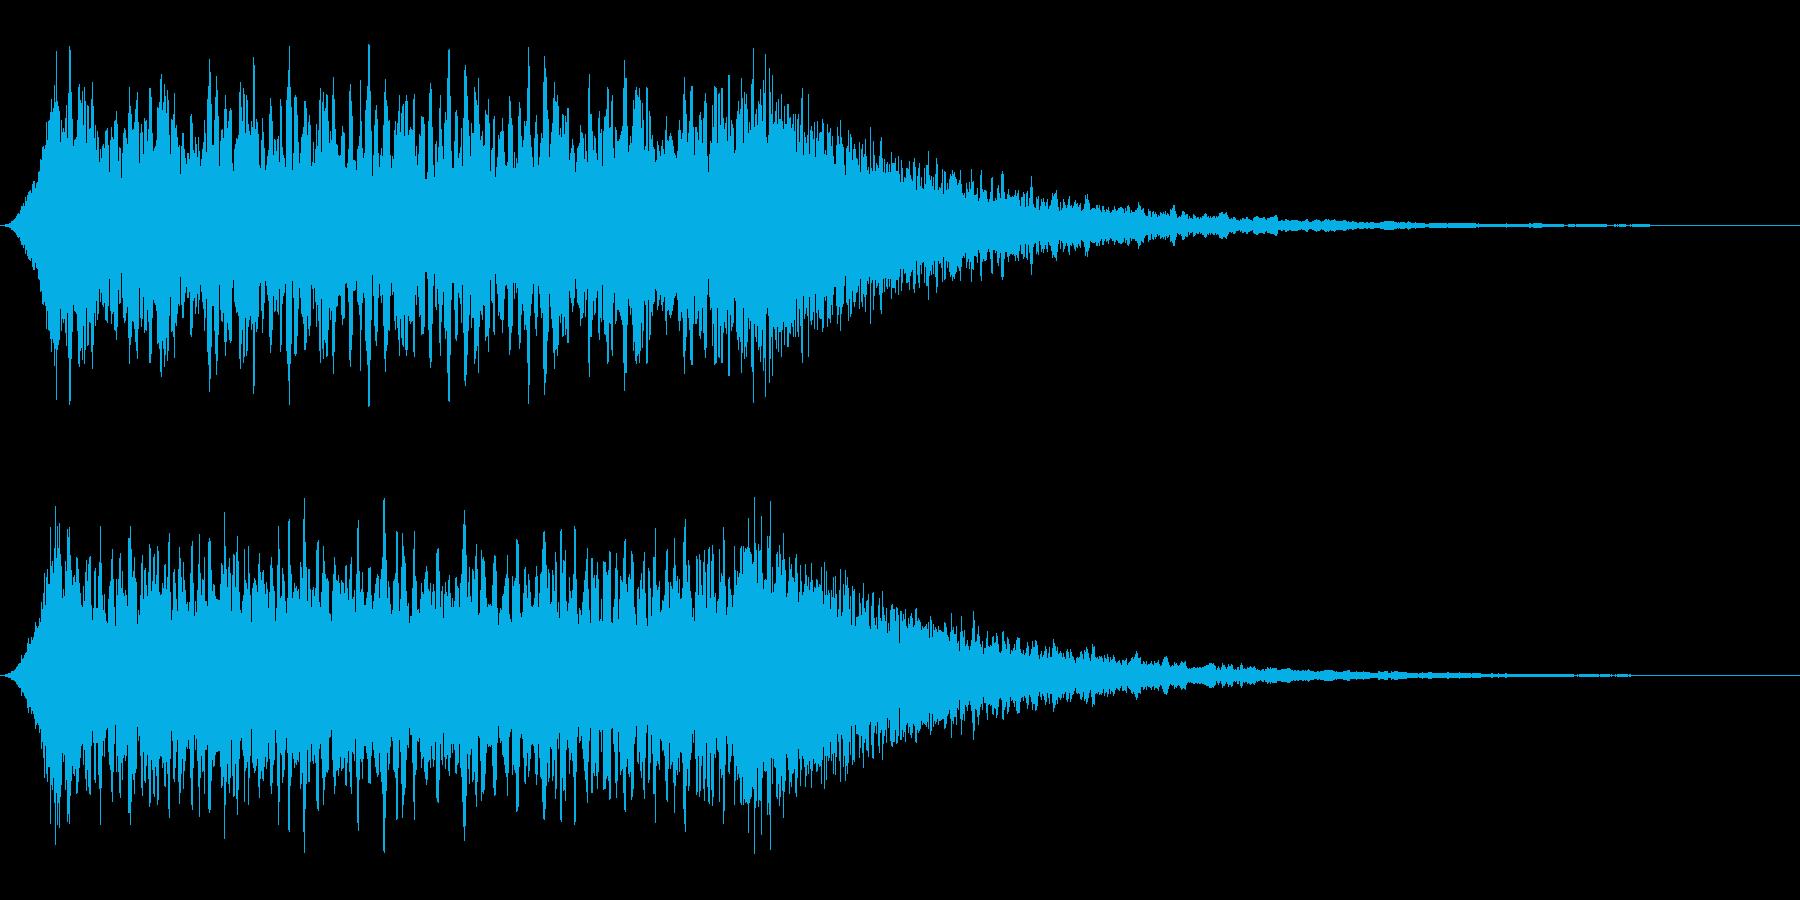 非常に長めの汎用サイレンの再生済みの波形